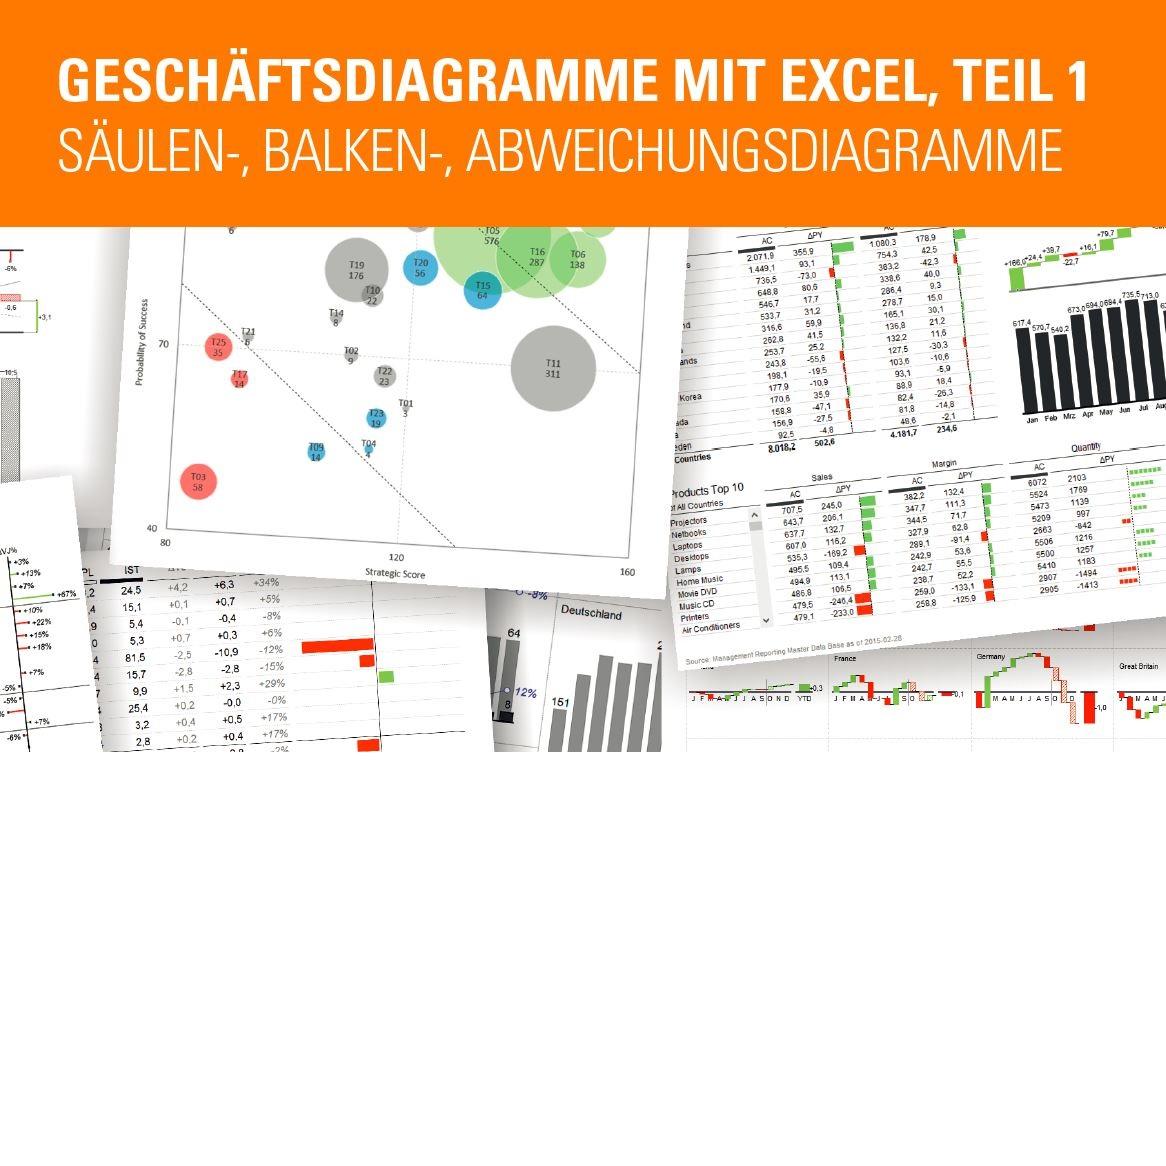 Groß Drahtgeflecht 6x6 W6xw6 Bilder - Der Schaltplan - greigo.com